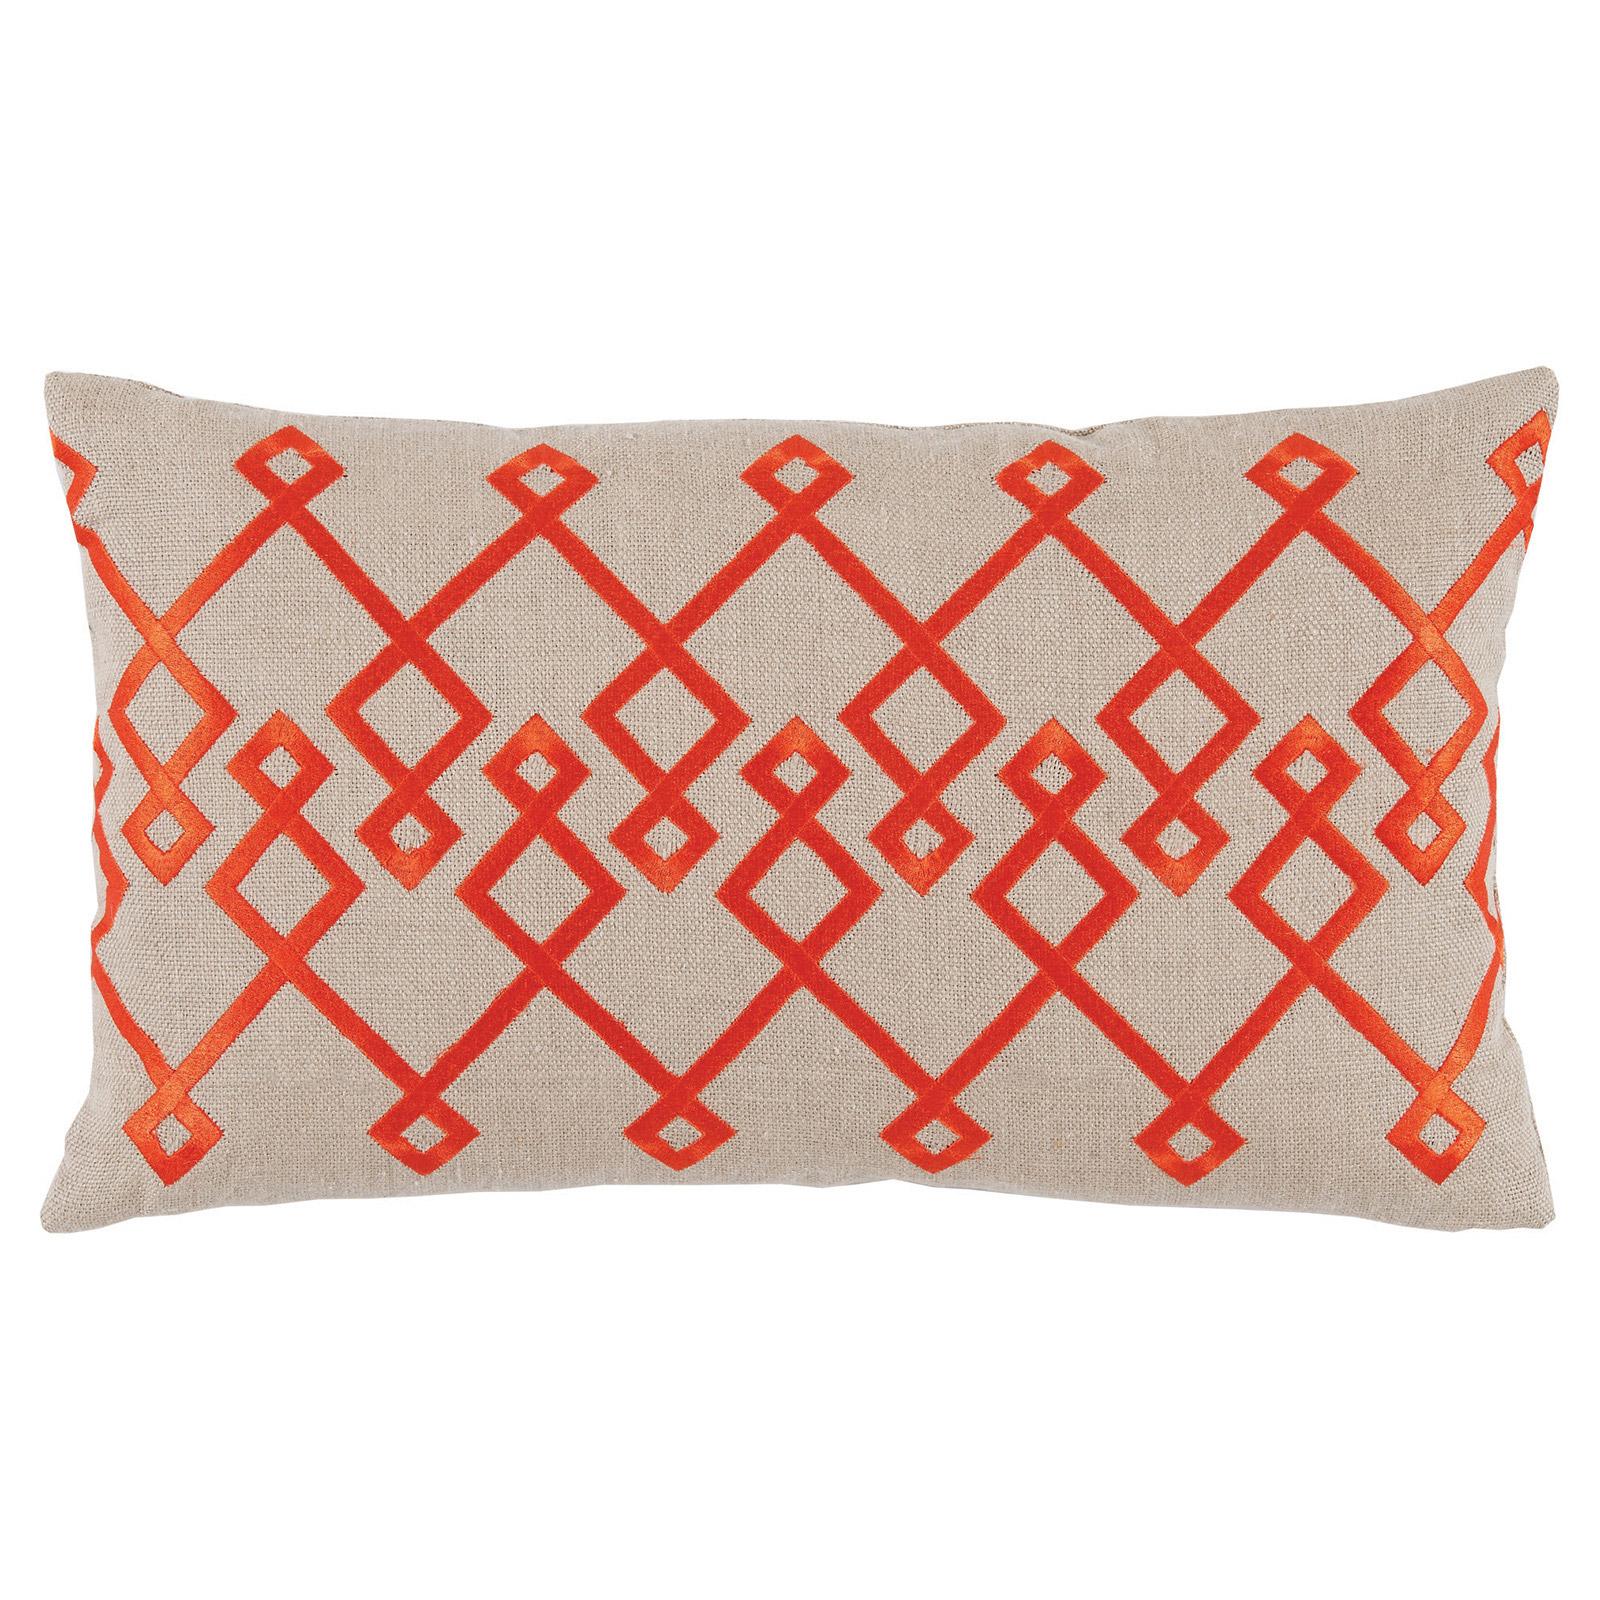 Steph Modern Orange Chevron Stitch Beige Pillow - 13x22